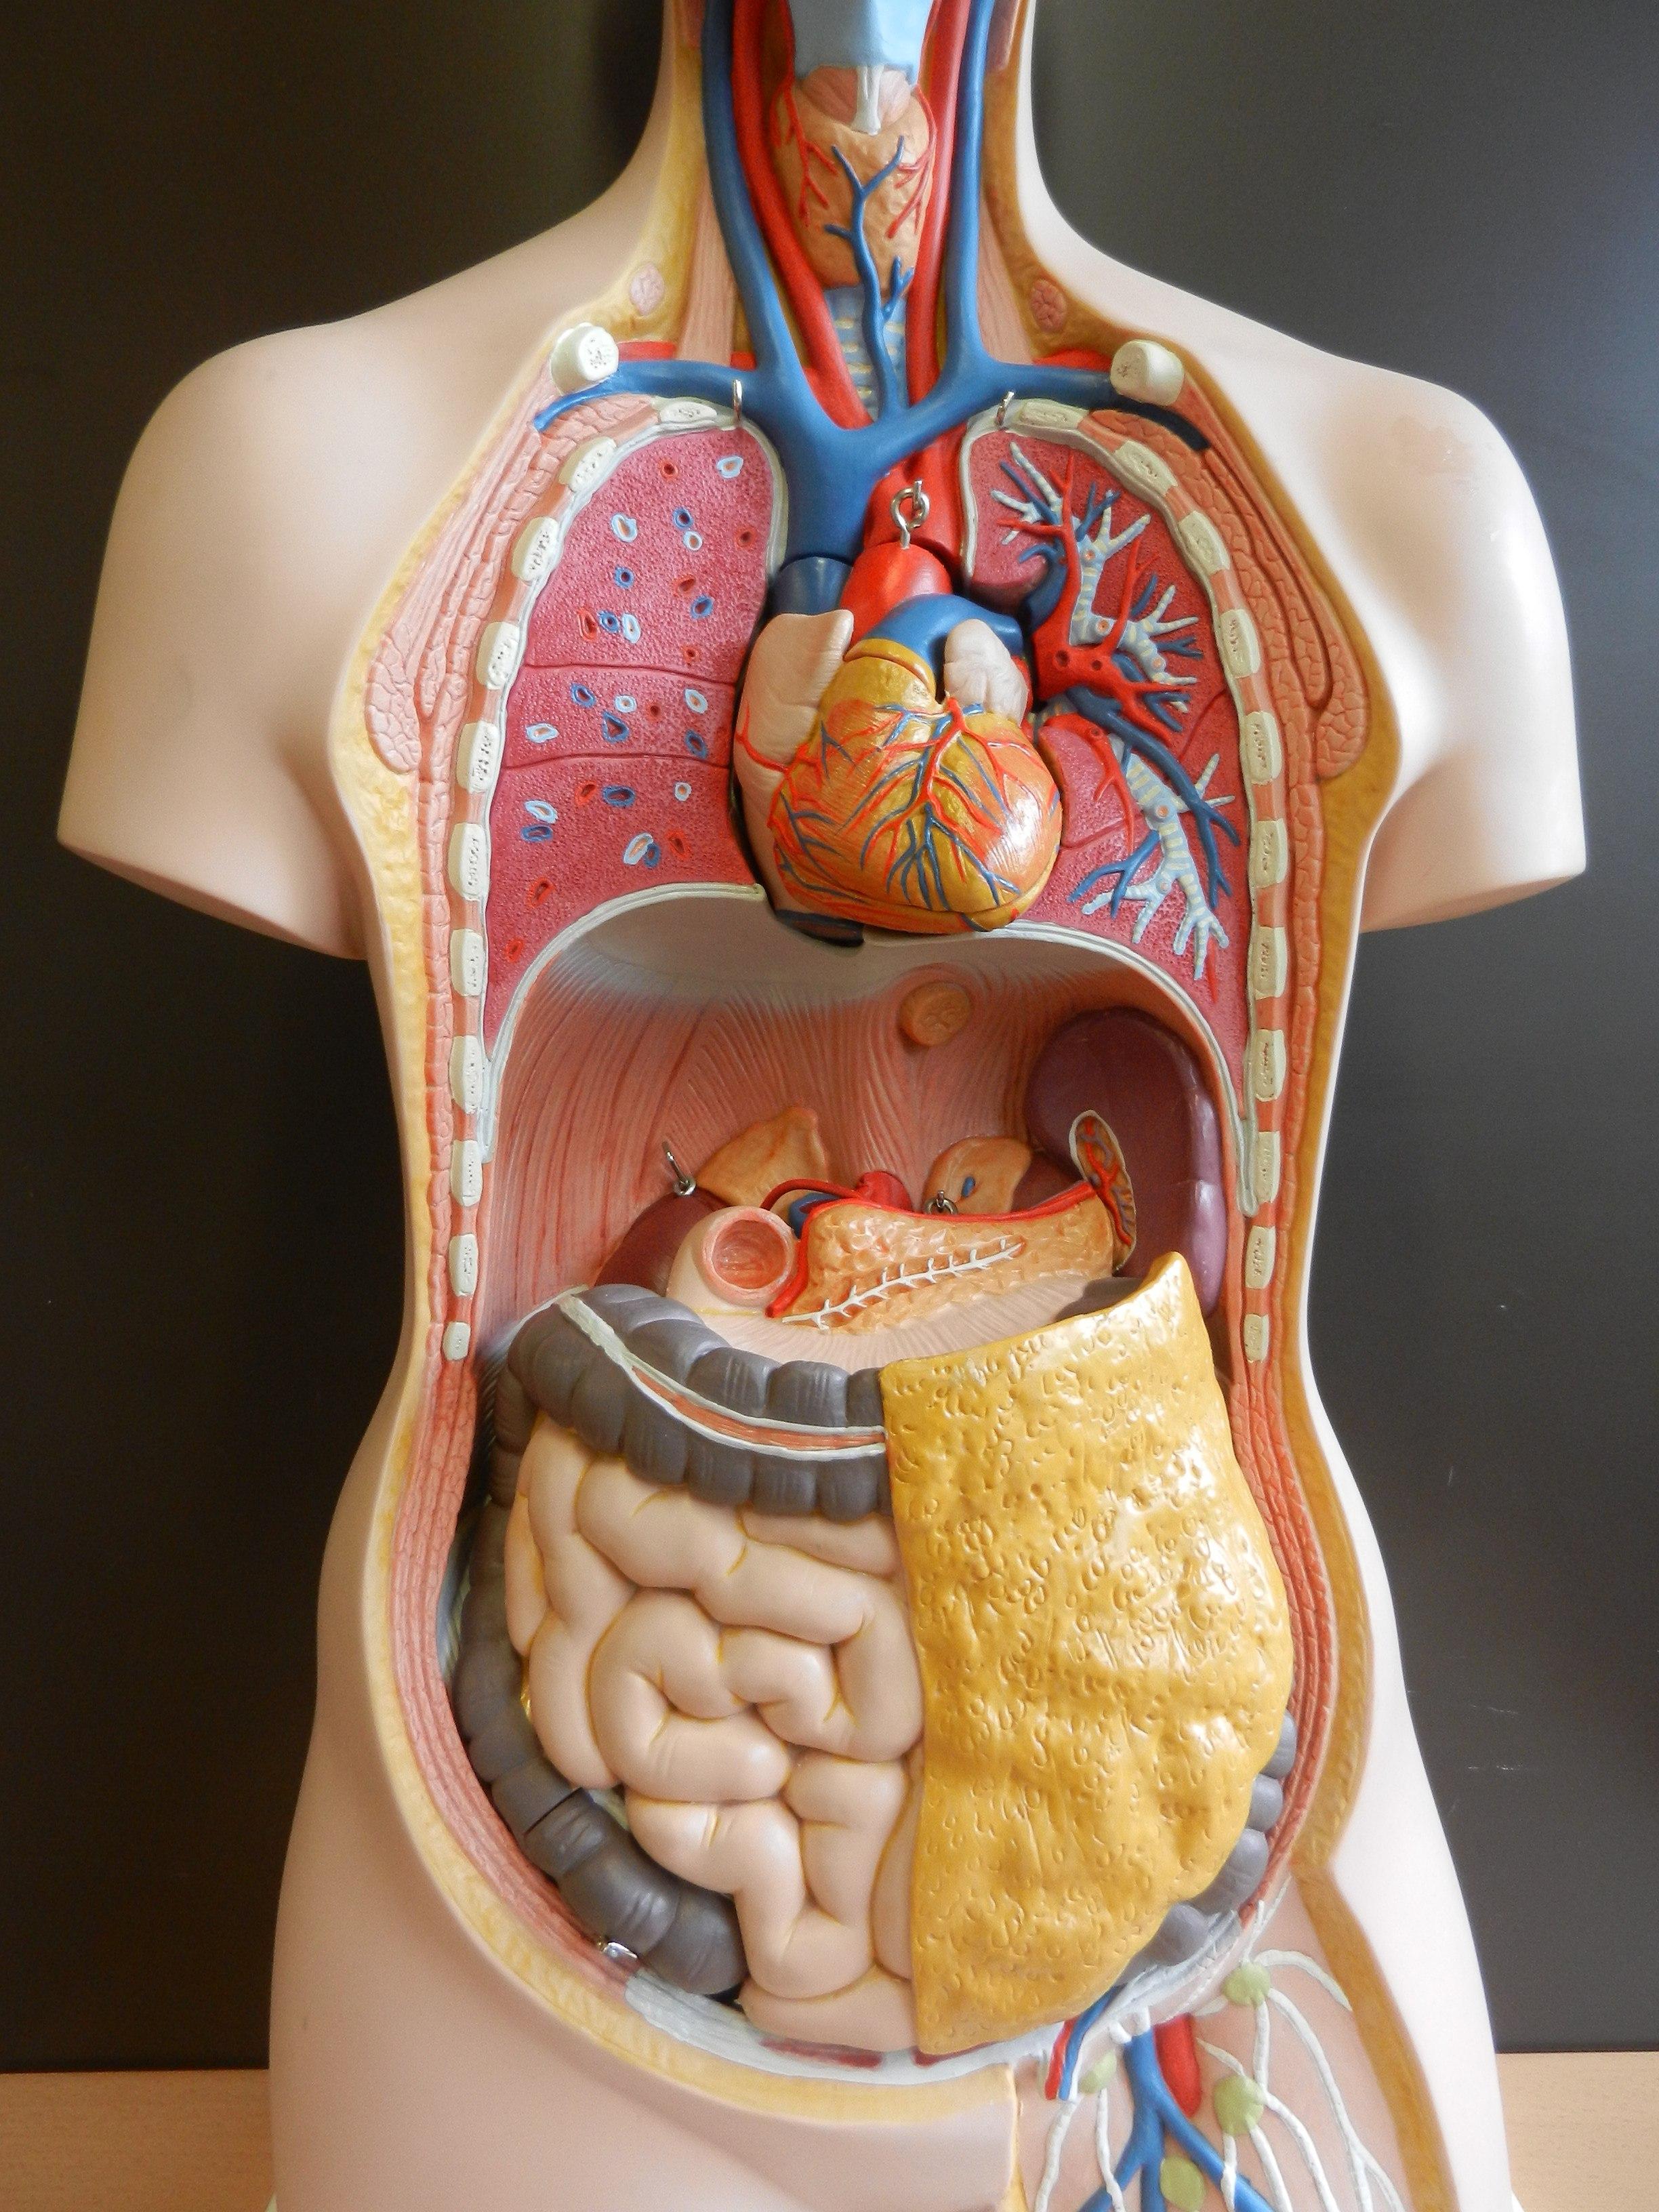 Berühmt Anatomie Organe Bauch Ideen - Menschliche Anatomie Bilder ...